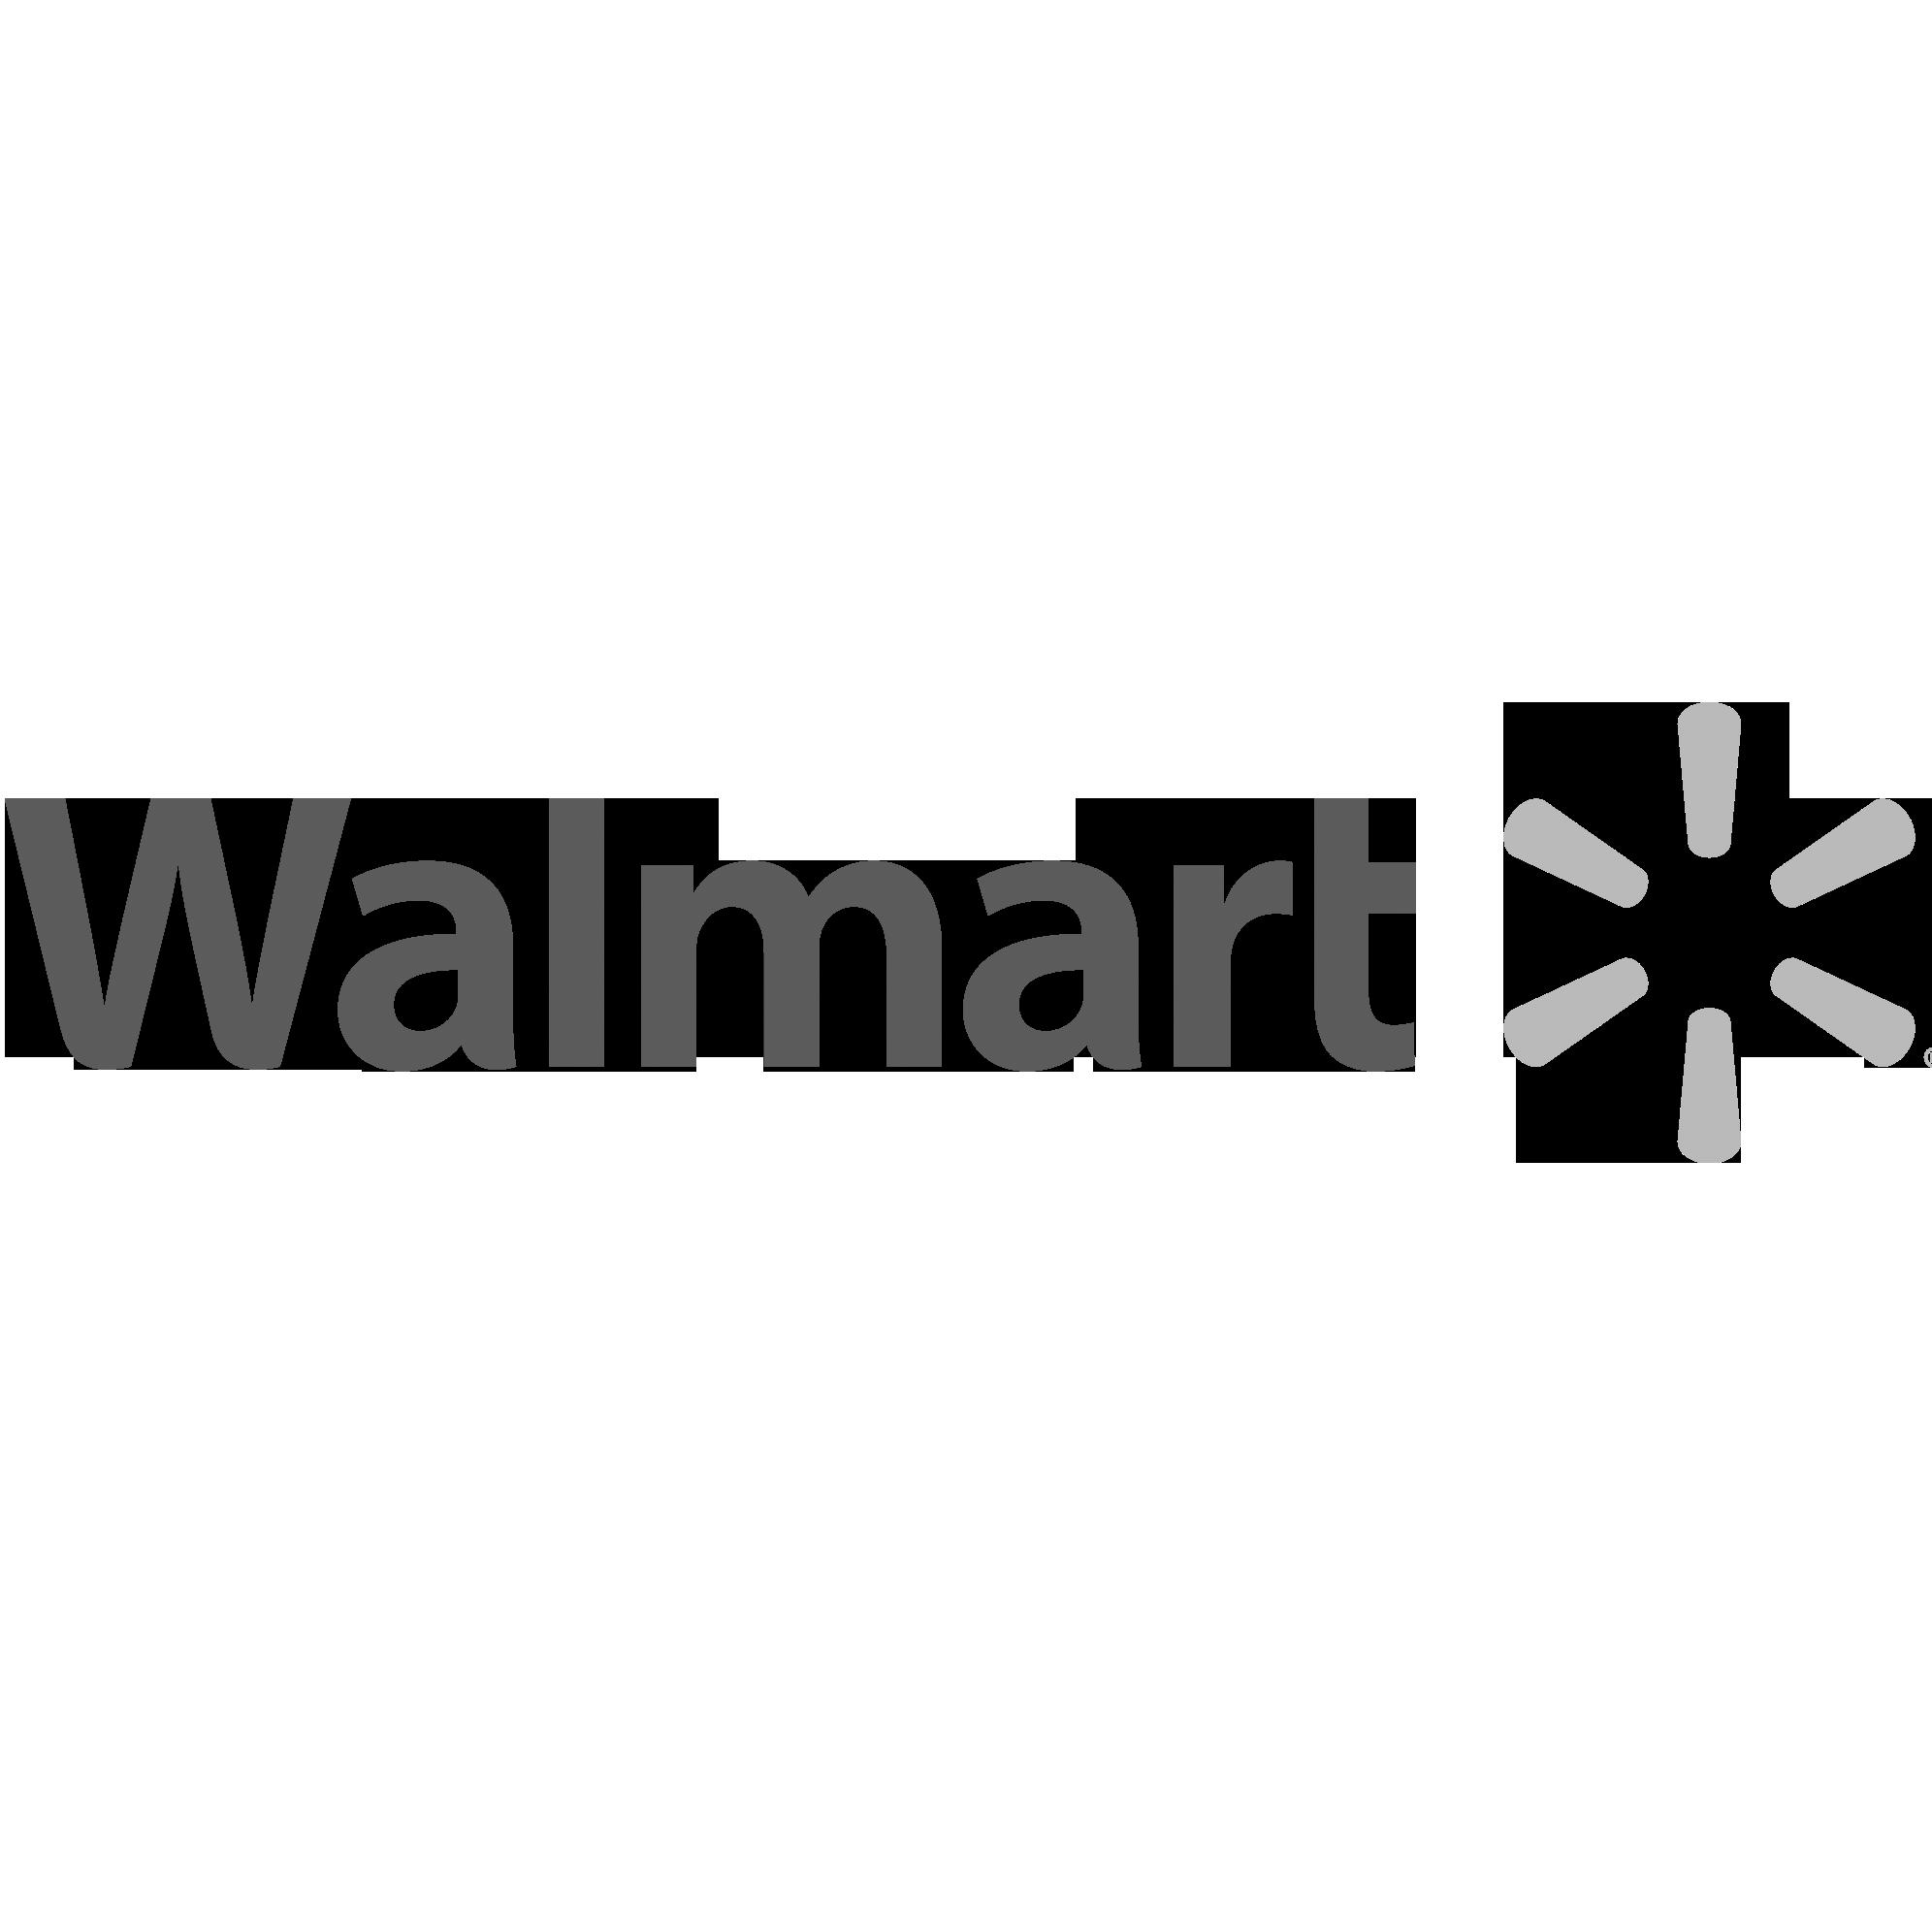 Walmart_Logo_bw copy.png